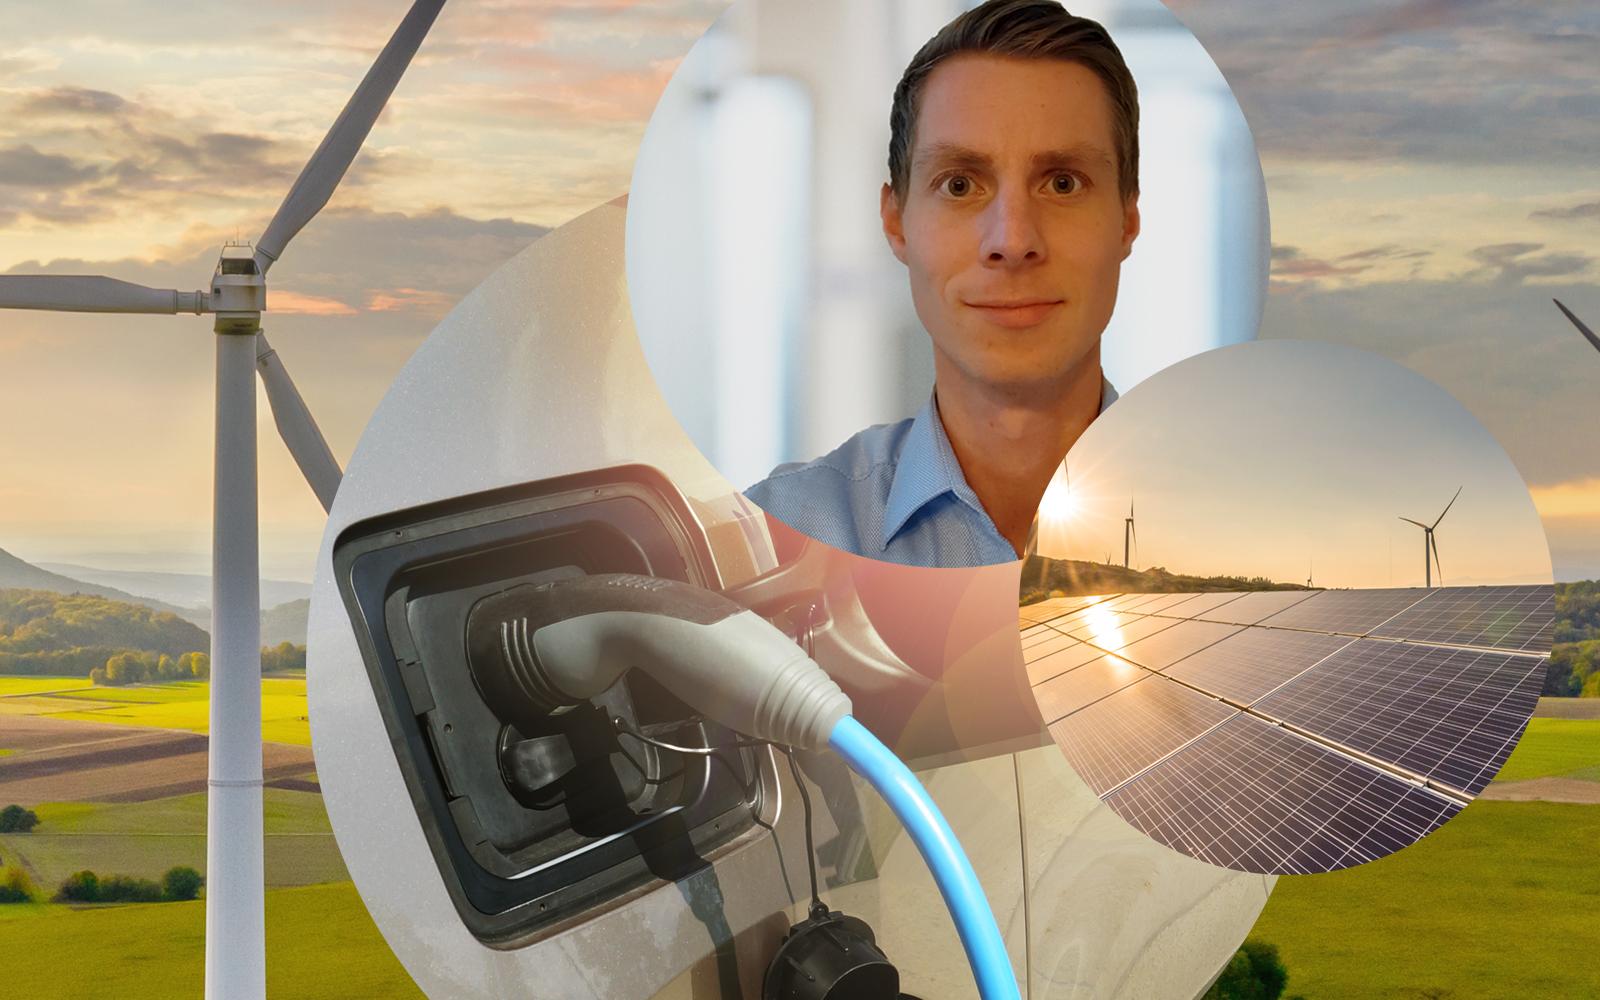 Bild von Marco Fuhr, Senior Consultant im Bereich Logistikmanagement, im Hintergrund Windräder, eine Photovoltaik-Anlage und das Ladekabel eines Elektroautos, Nachhaltigkeit im Supply Chain Management